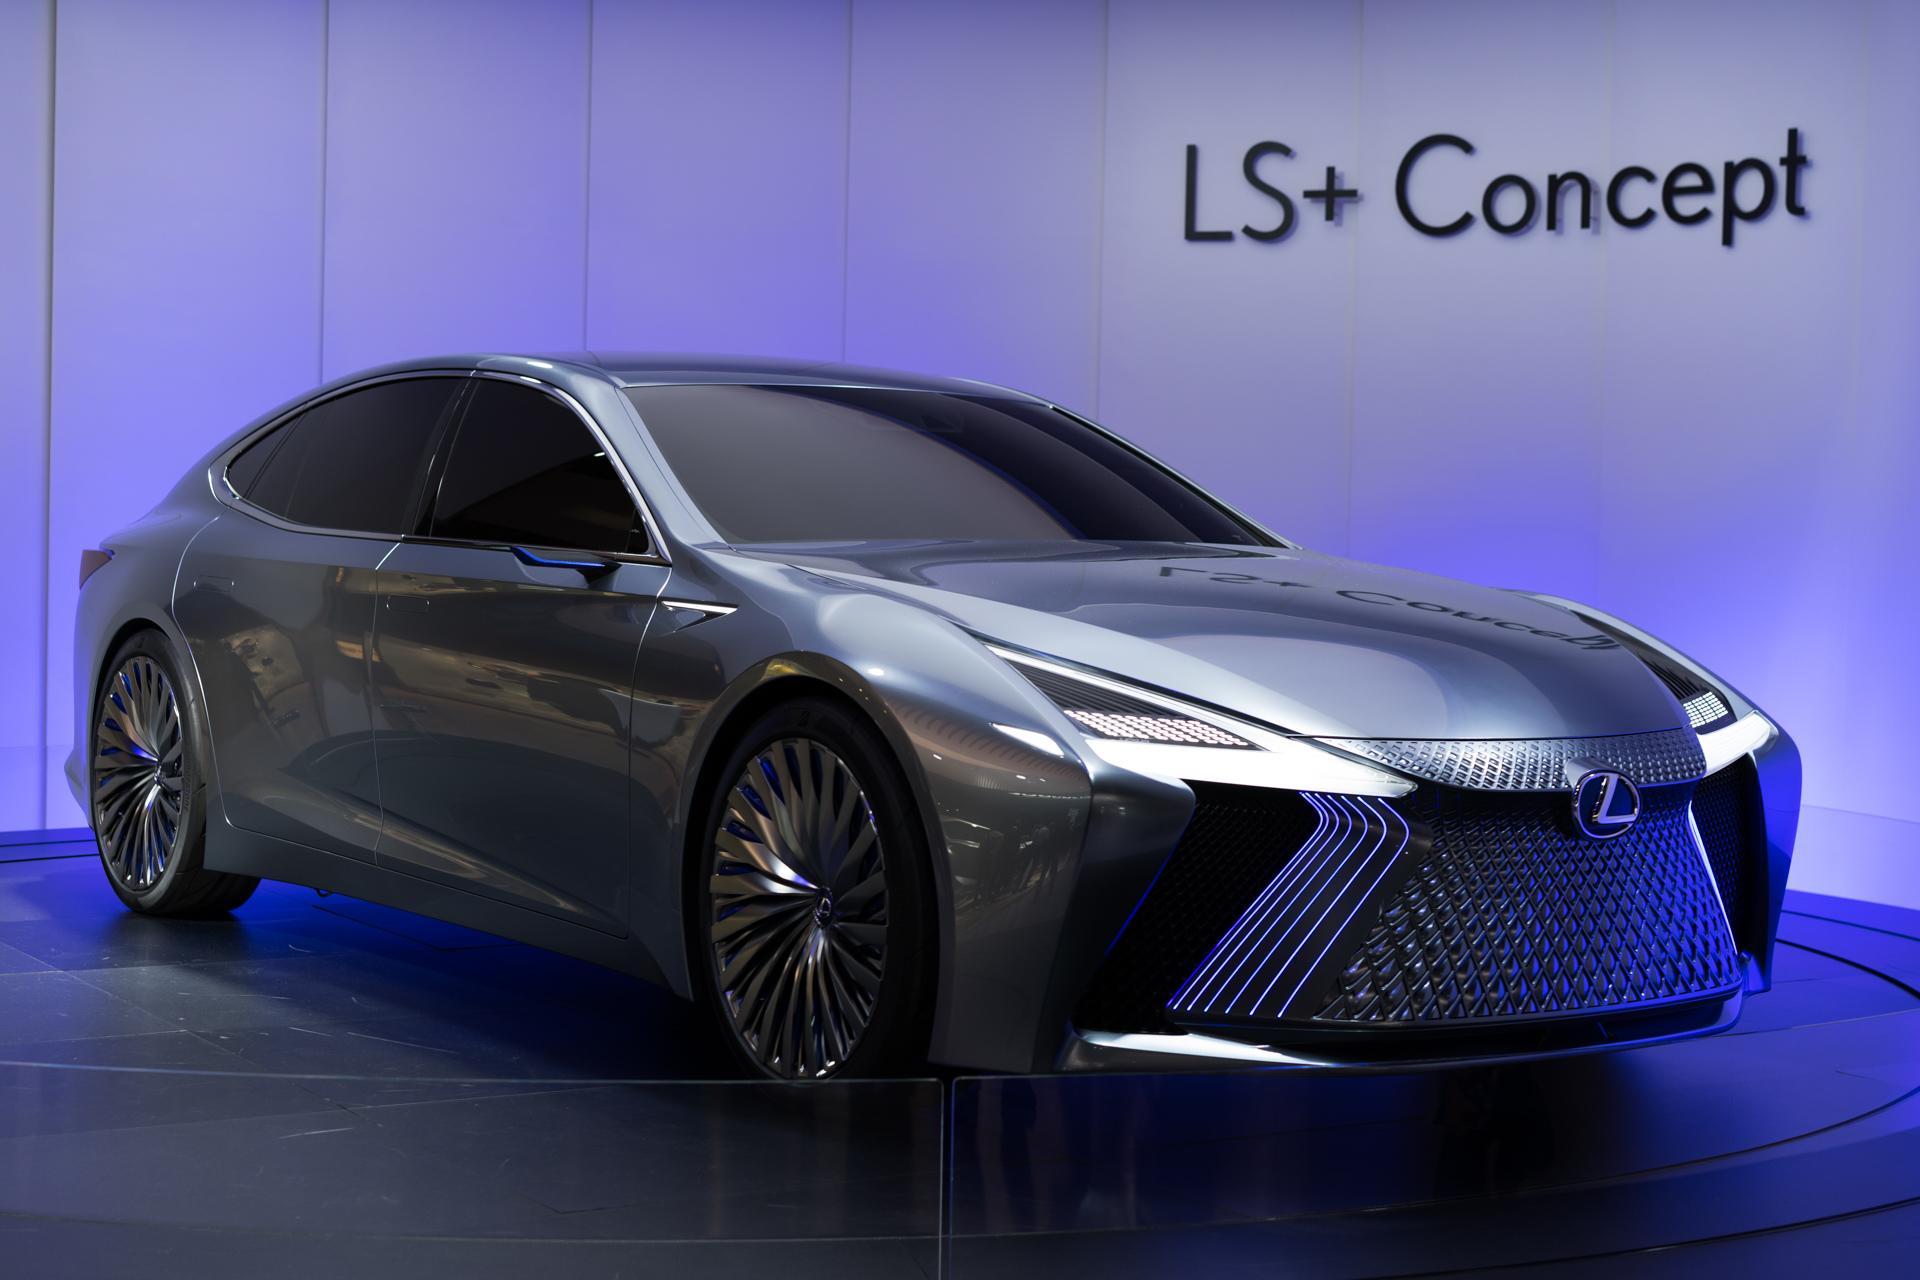 東京モーターショー LS+ Concept SONY α7Ⅱ, Sonnar T* FE 55mm F1.8 ZA SEL55F18Z